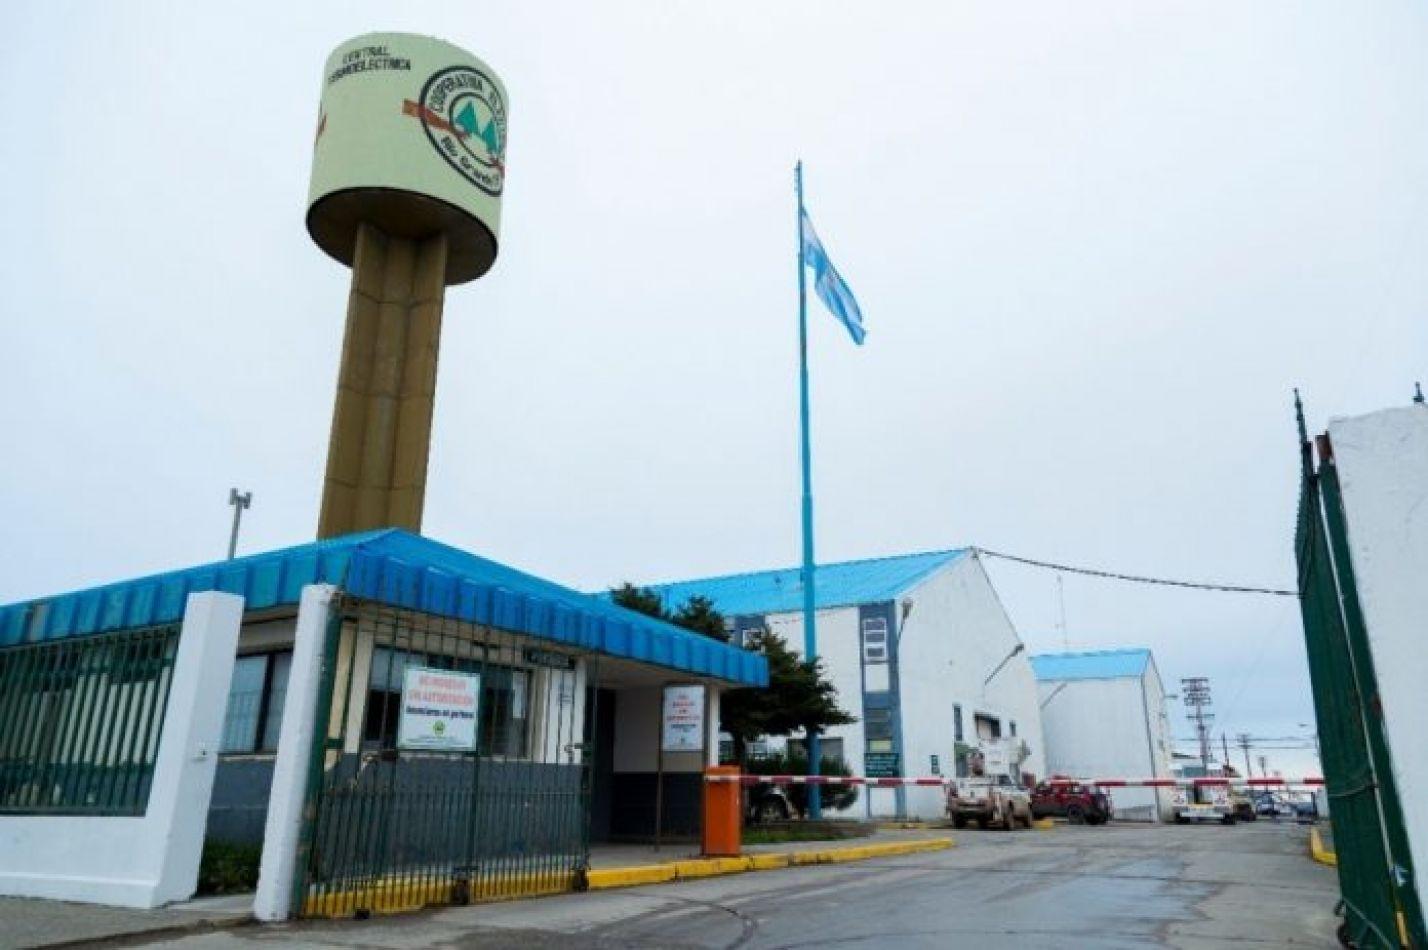 Cooperativa Eléctrica de la ciudad de Río Grande